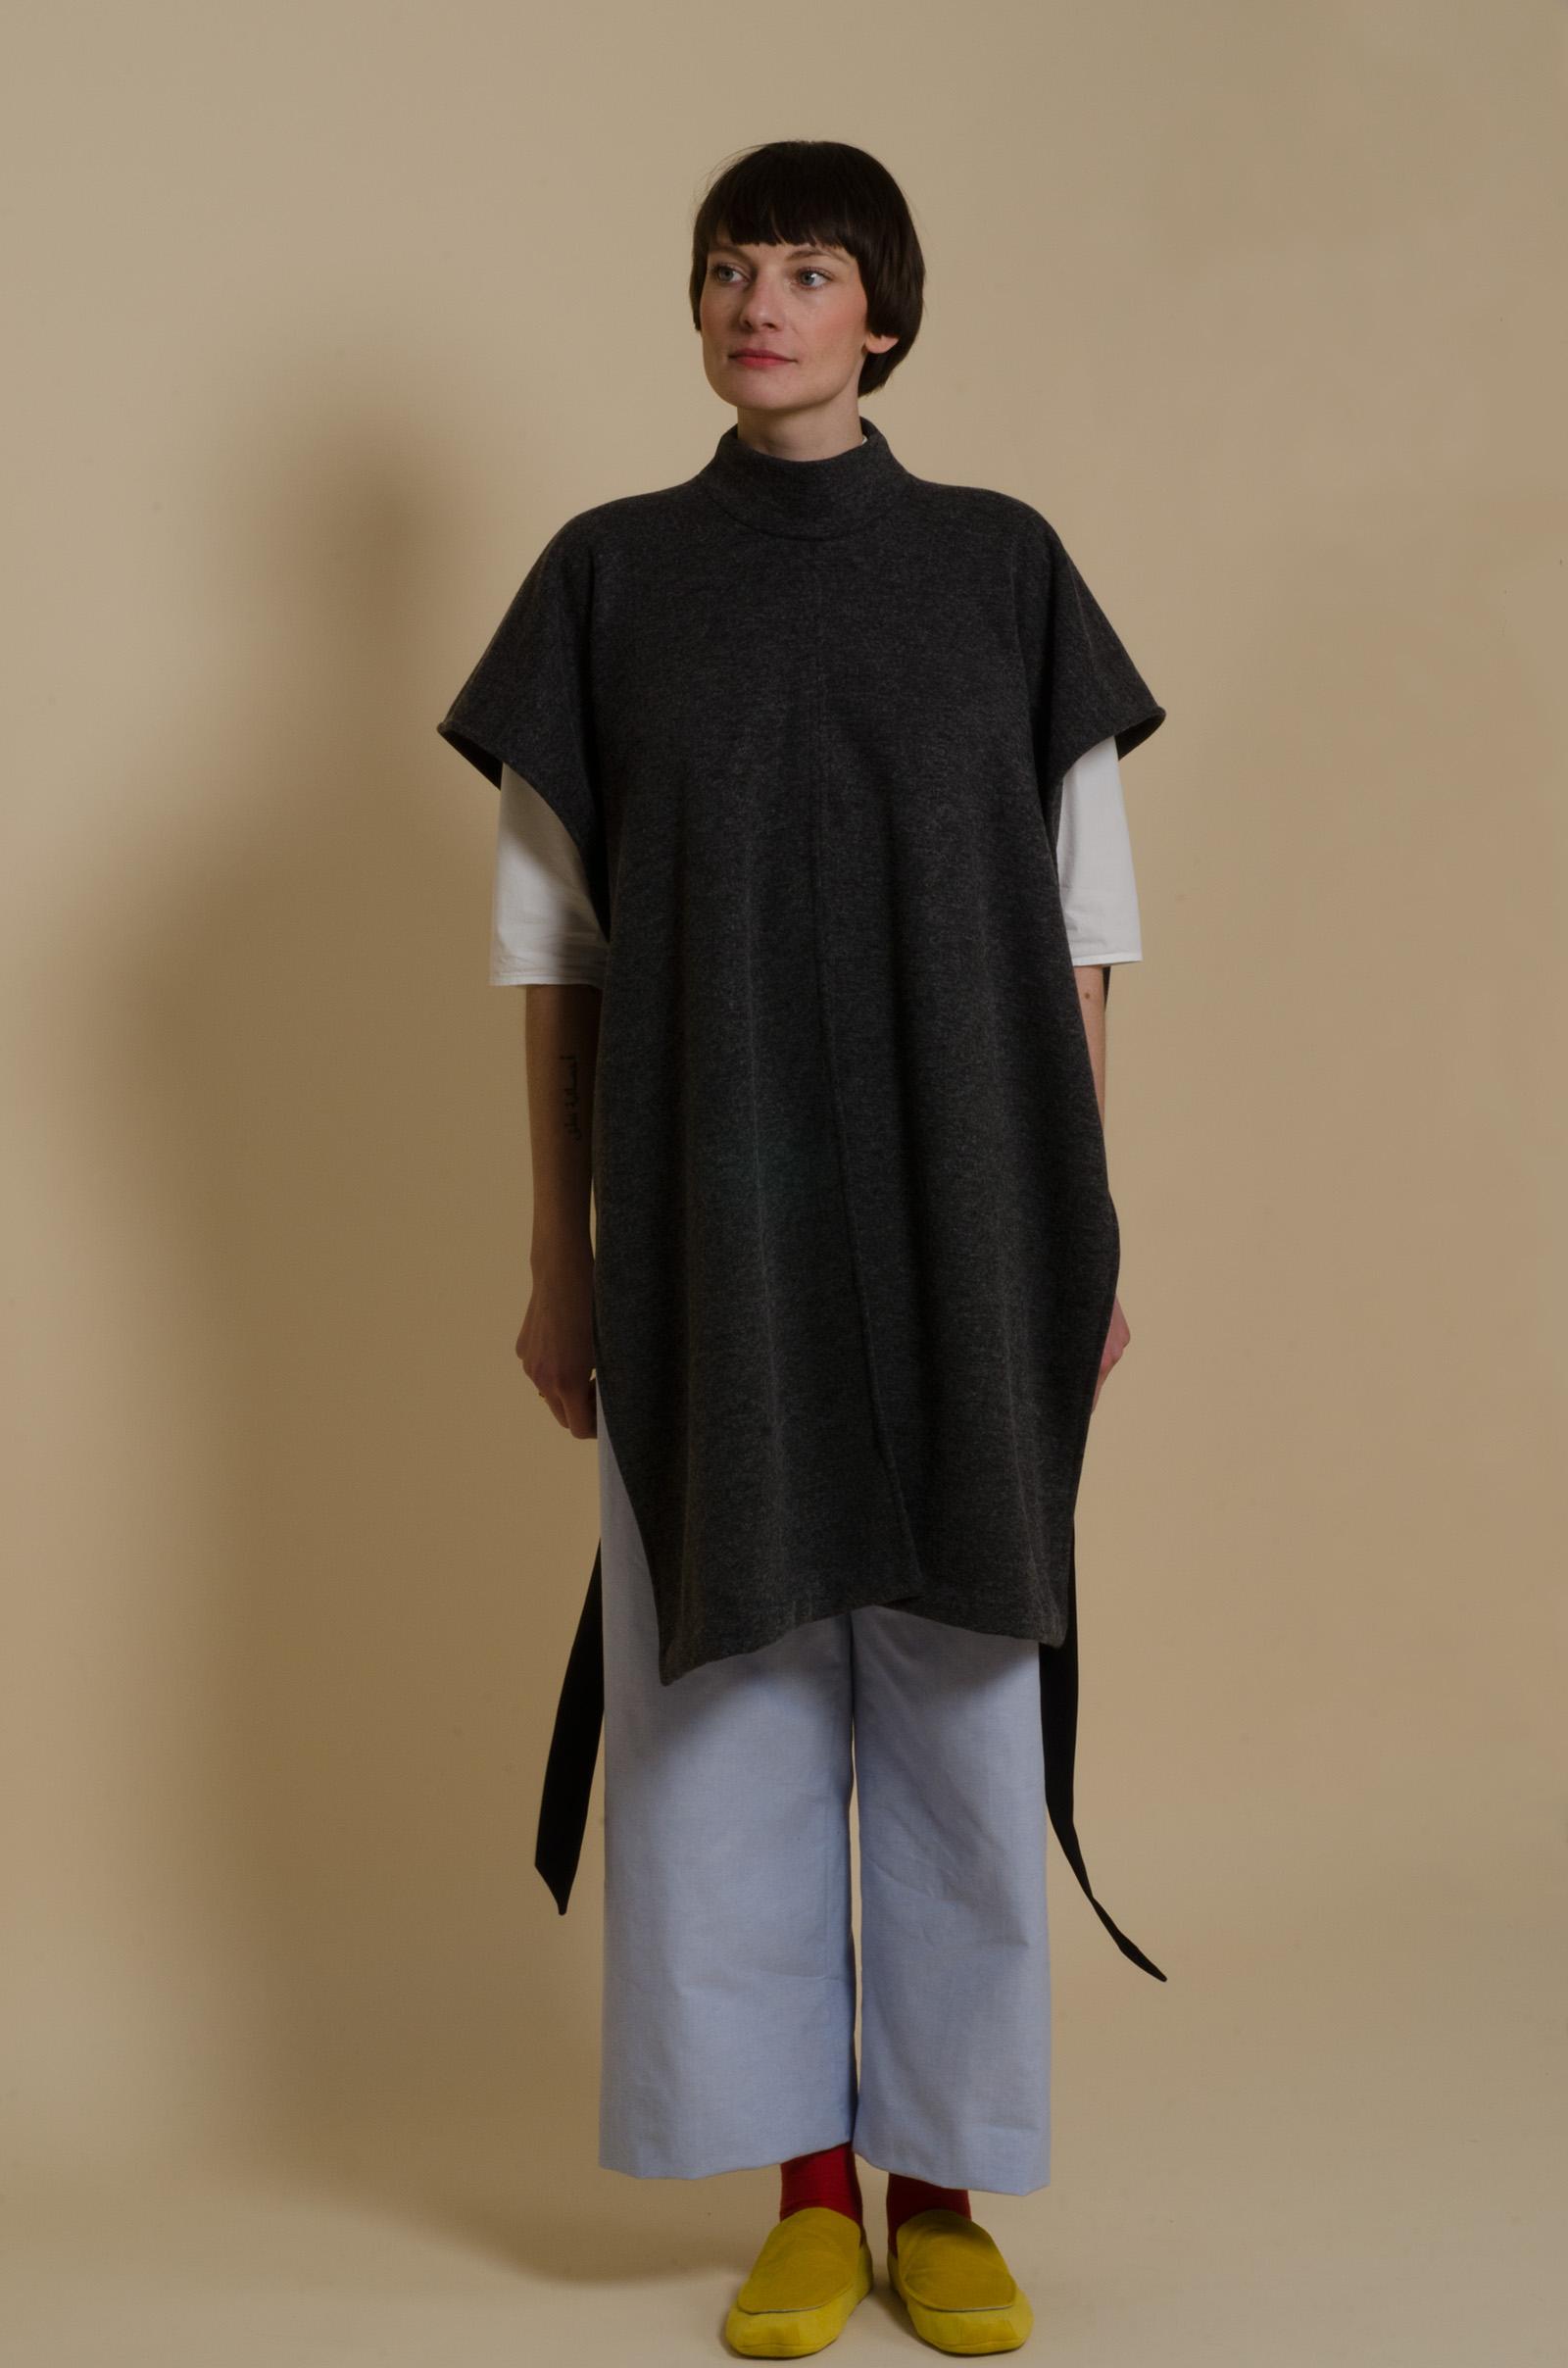 meinwerk diy schnittmuster & anleitung turtleneck cape , easy culotte, nähanleitung, hemdkleid nähen, cape schnitt, schal nähen, cape schnittmuster, überwurf selber nähen, strickschal strick cape, schnitt, diy design, handmade cape, diy berlin, minimalistisch, minimalism, puristisch, slow fashion, nachhaltig, skandinavisch, pyjamahose, marlenehose, culottes, baumwollhose, hosenschnitt damen, strickstoff nähen